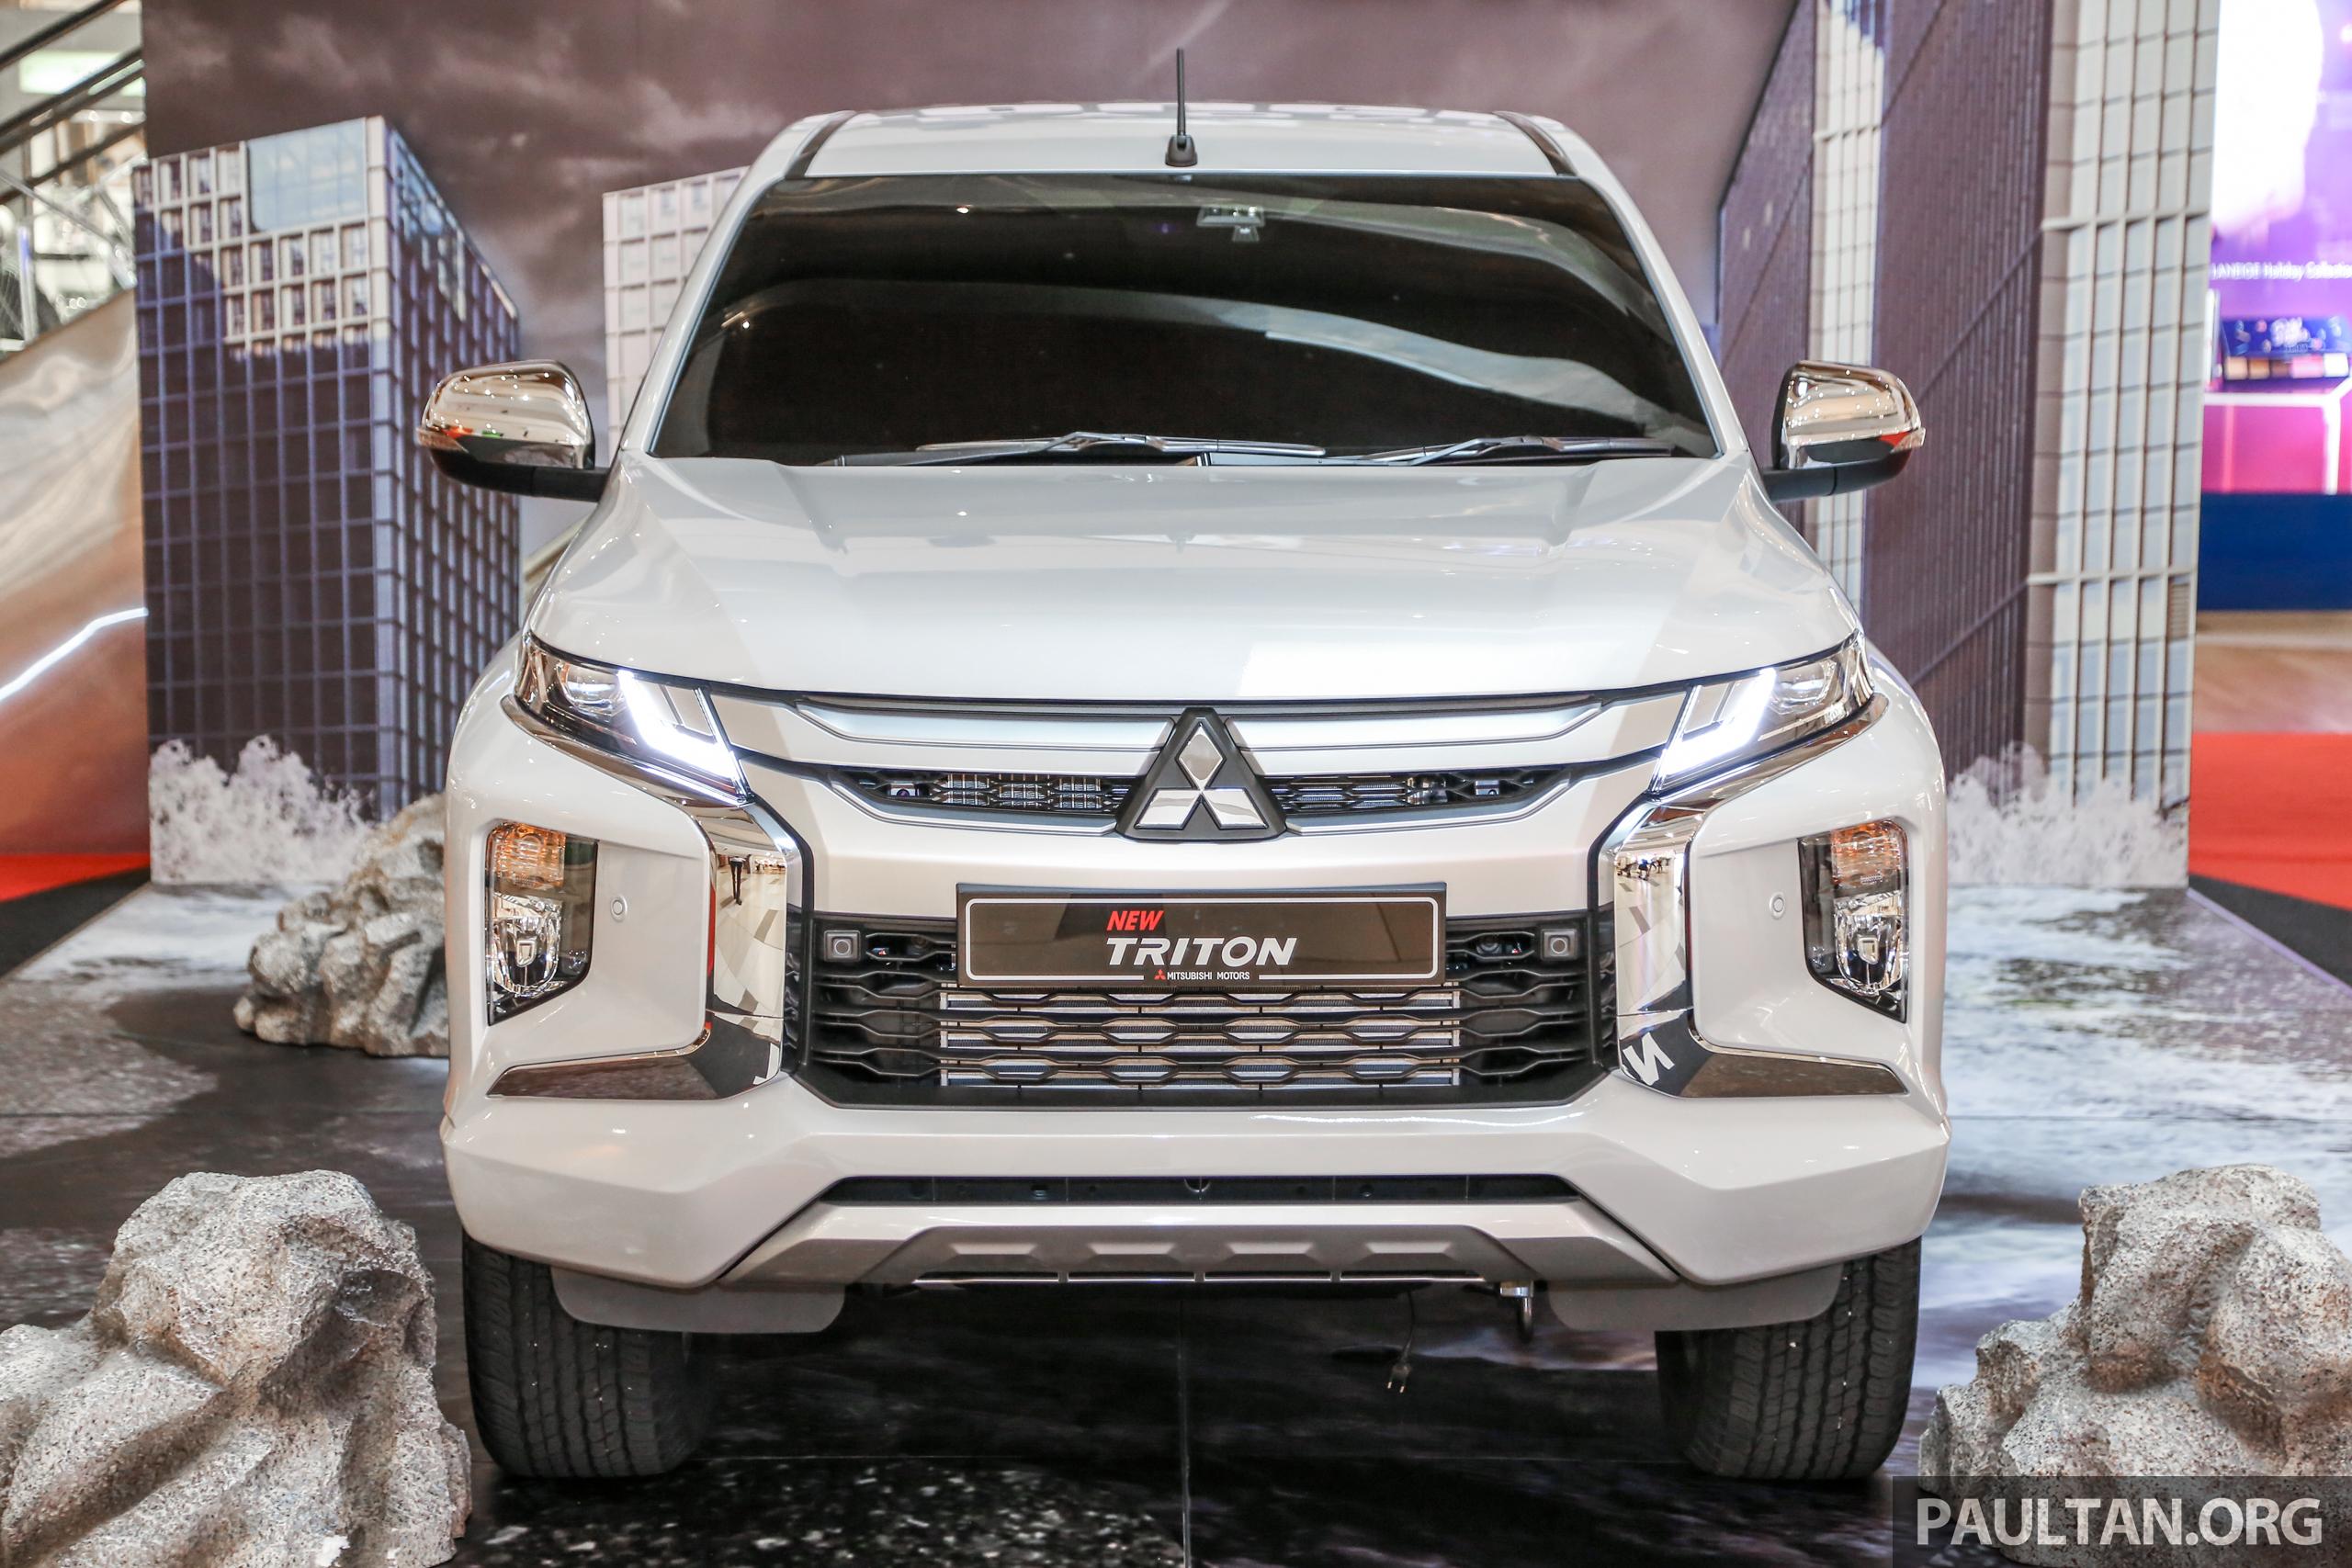 2019 Mitsubishi Triton in Adventure trim – Malaysian-spec interior